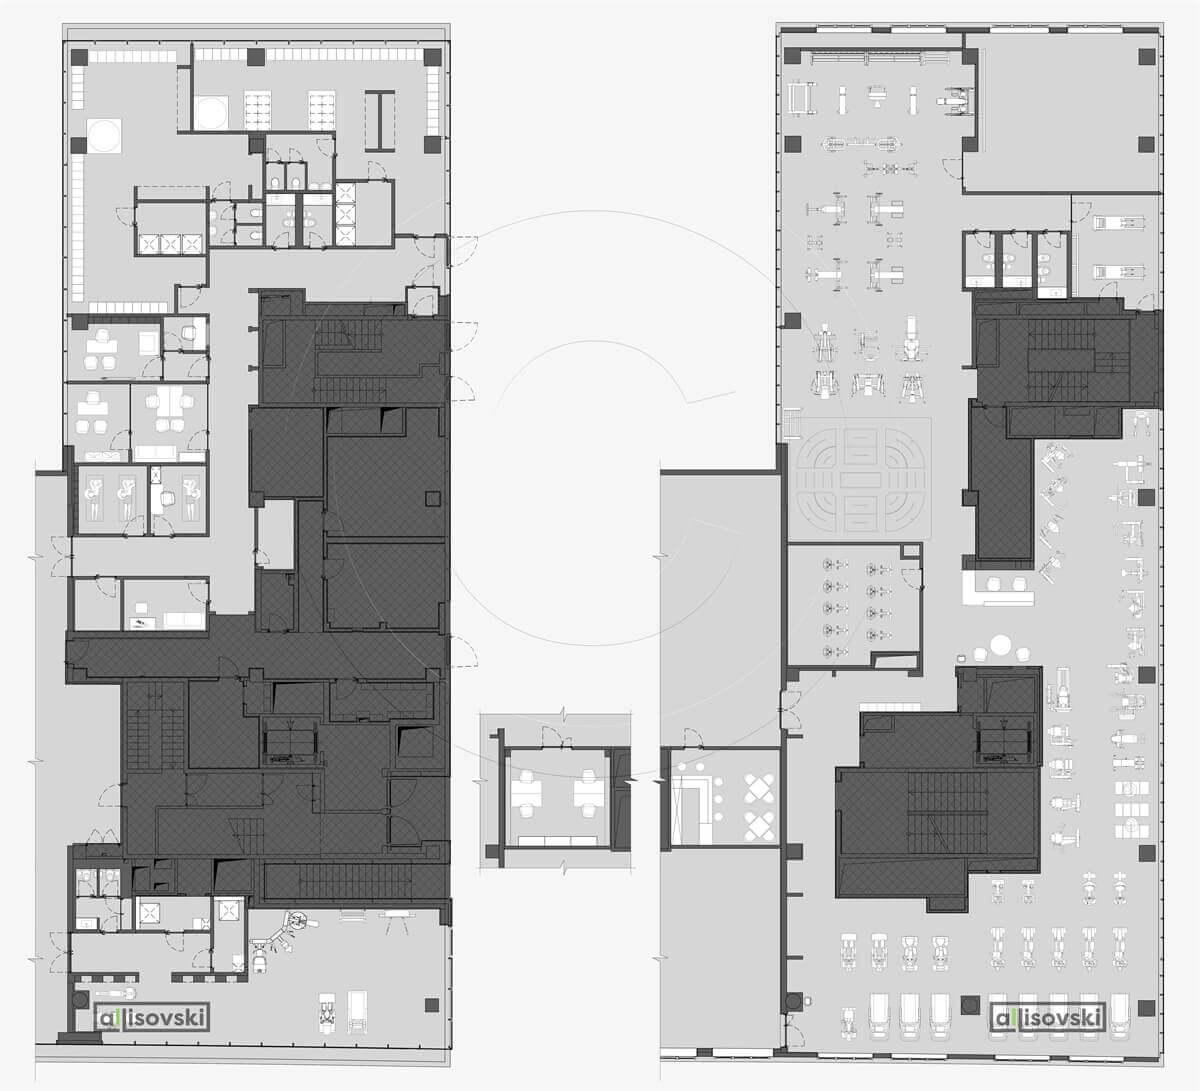 План перепланировка фитнес клуба расположение мебели планировка чертежи